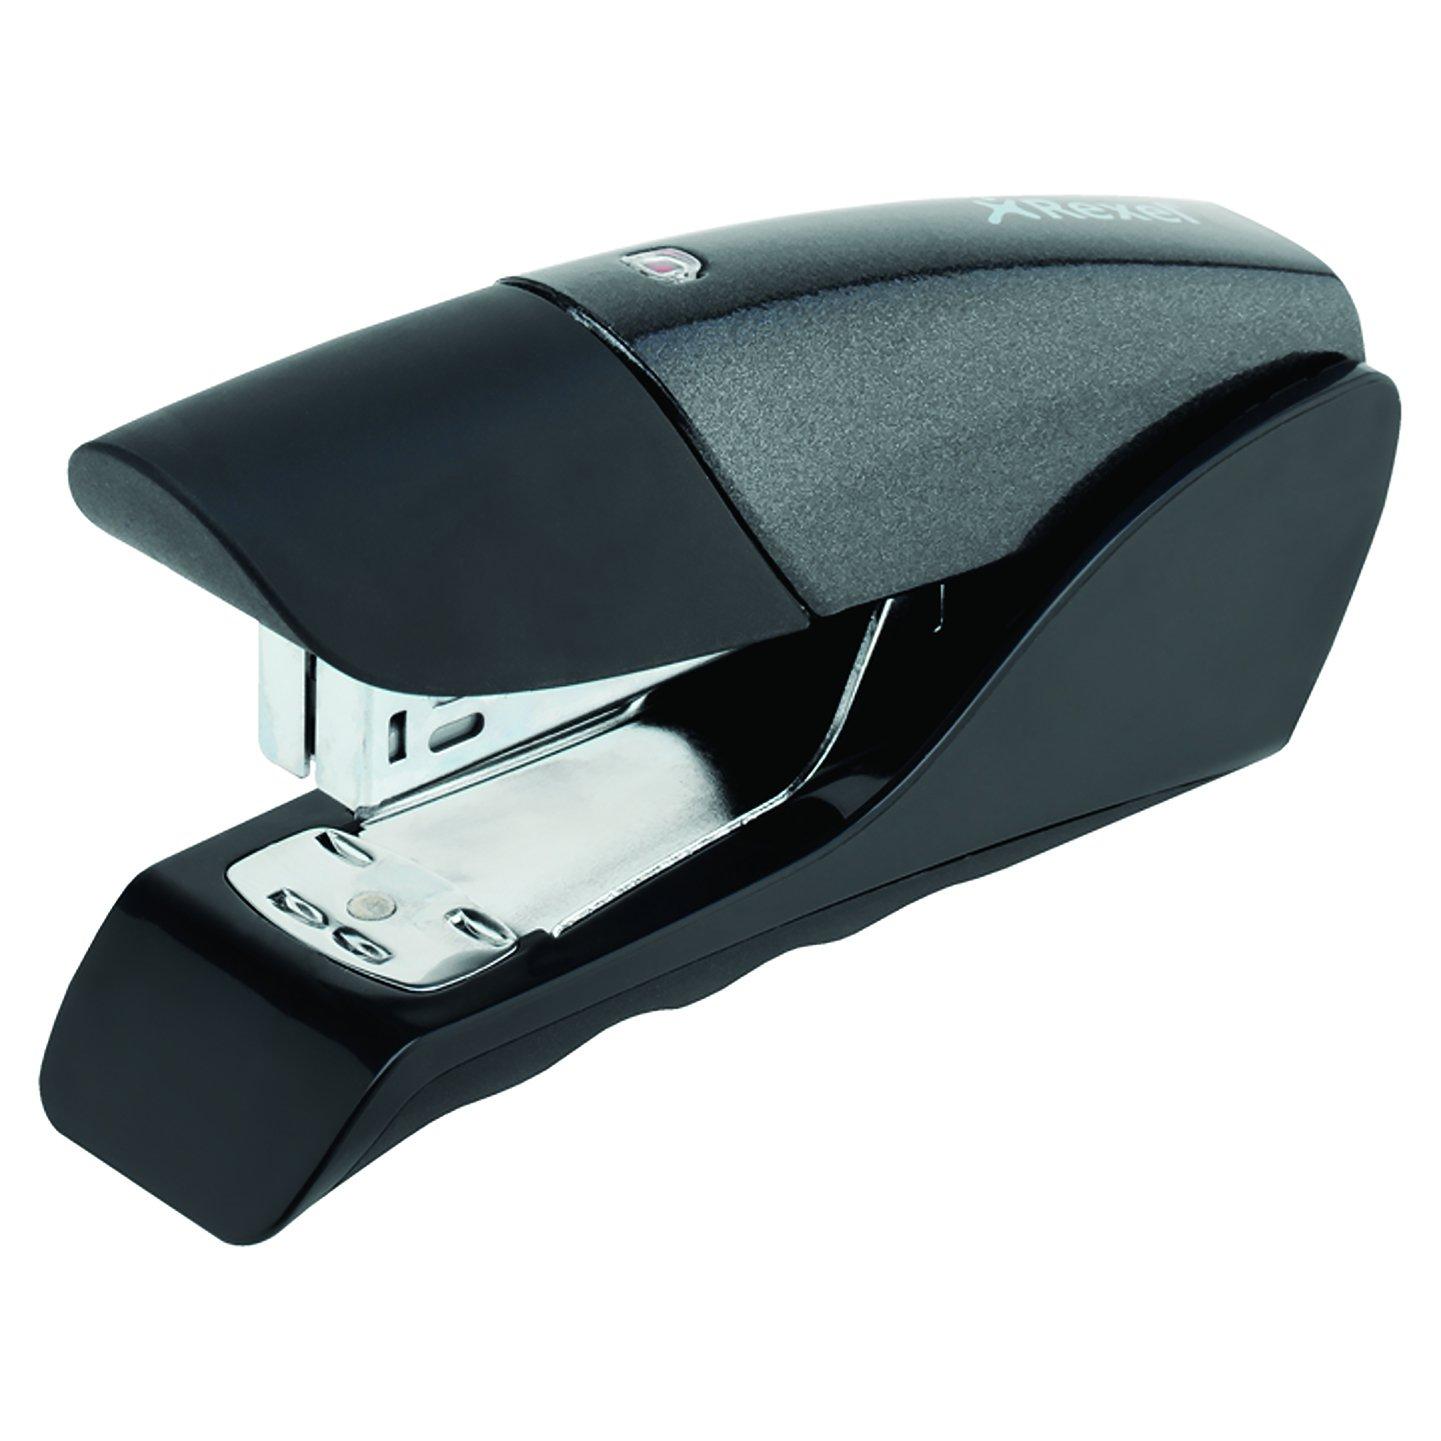 Rexel Gazelle Stapler Black 2100010